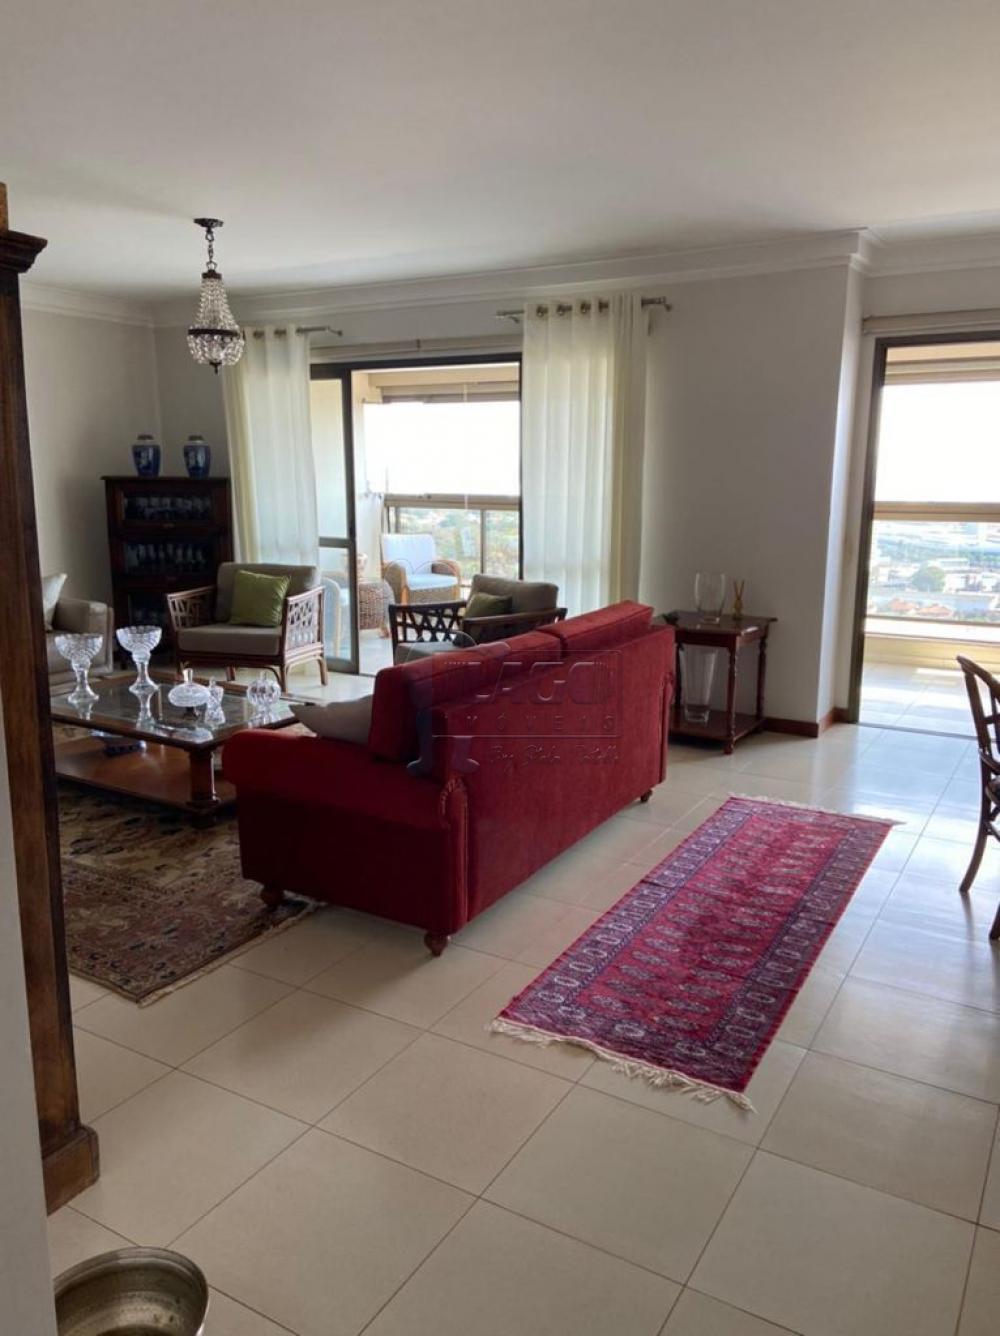 Comprar Apartamento / Padrão em Ribeirão Preto R$ 1.300.000,00 - Foto 1